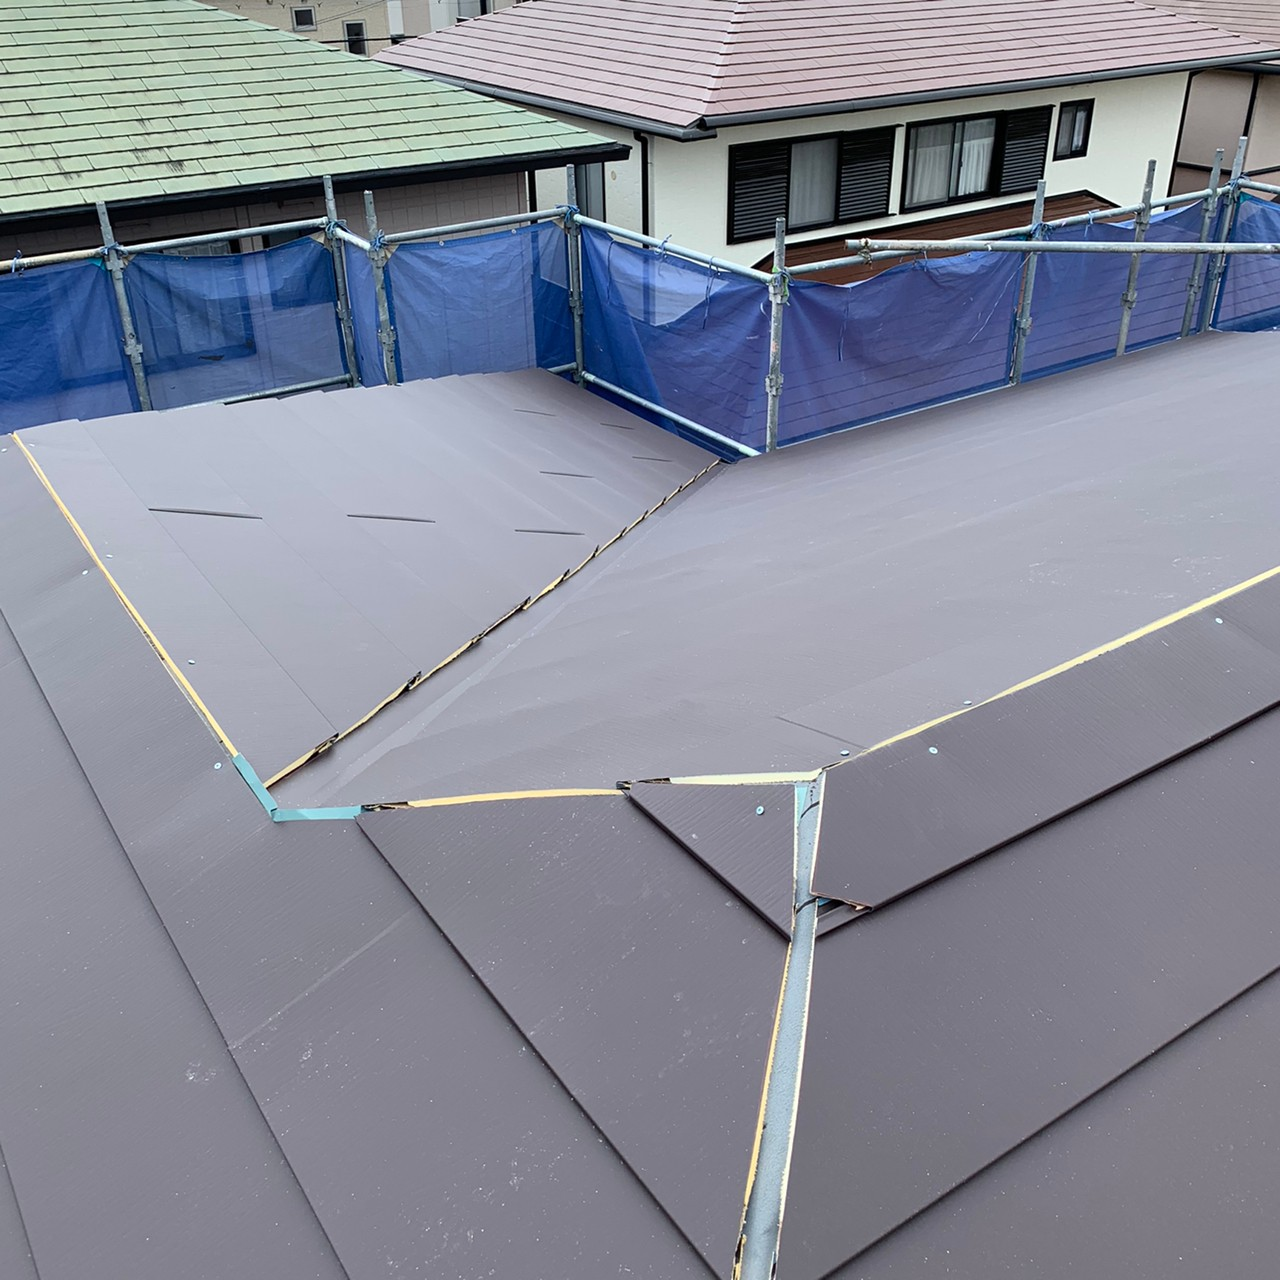 屋根を葺いた様子